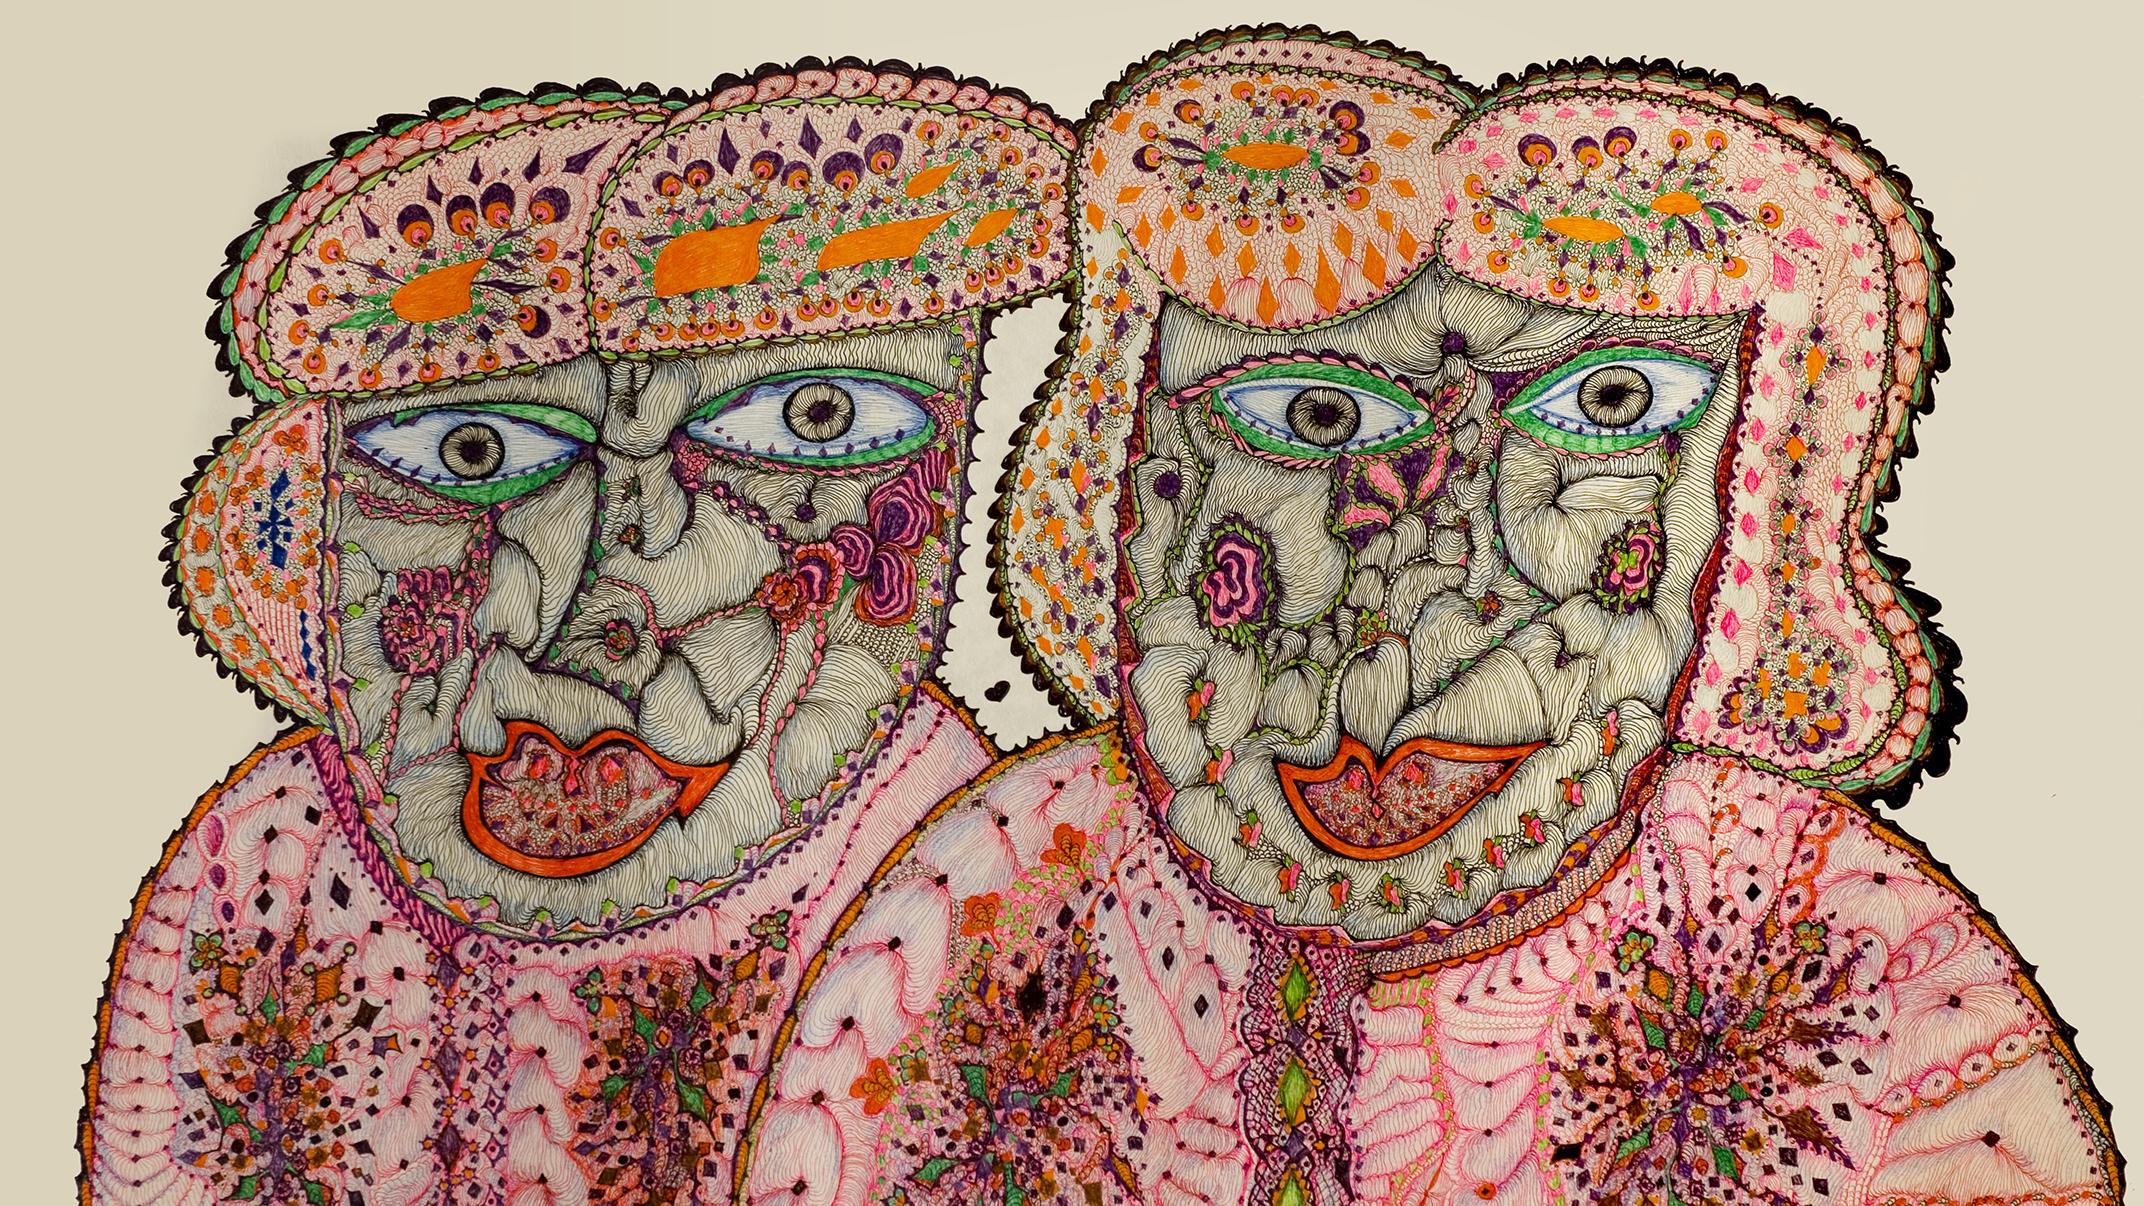 Tuula Huuskon teoskuva jossa kaksi naishahmoa, Kuva Pekka Agarth, rajattu